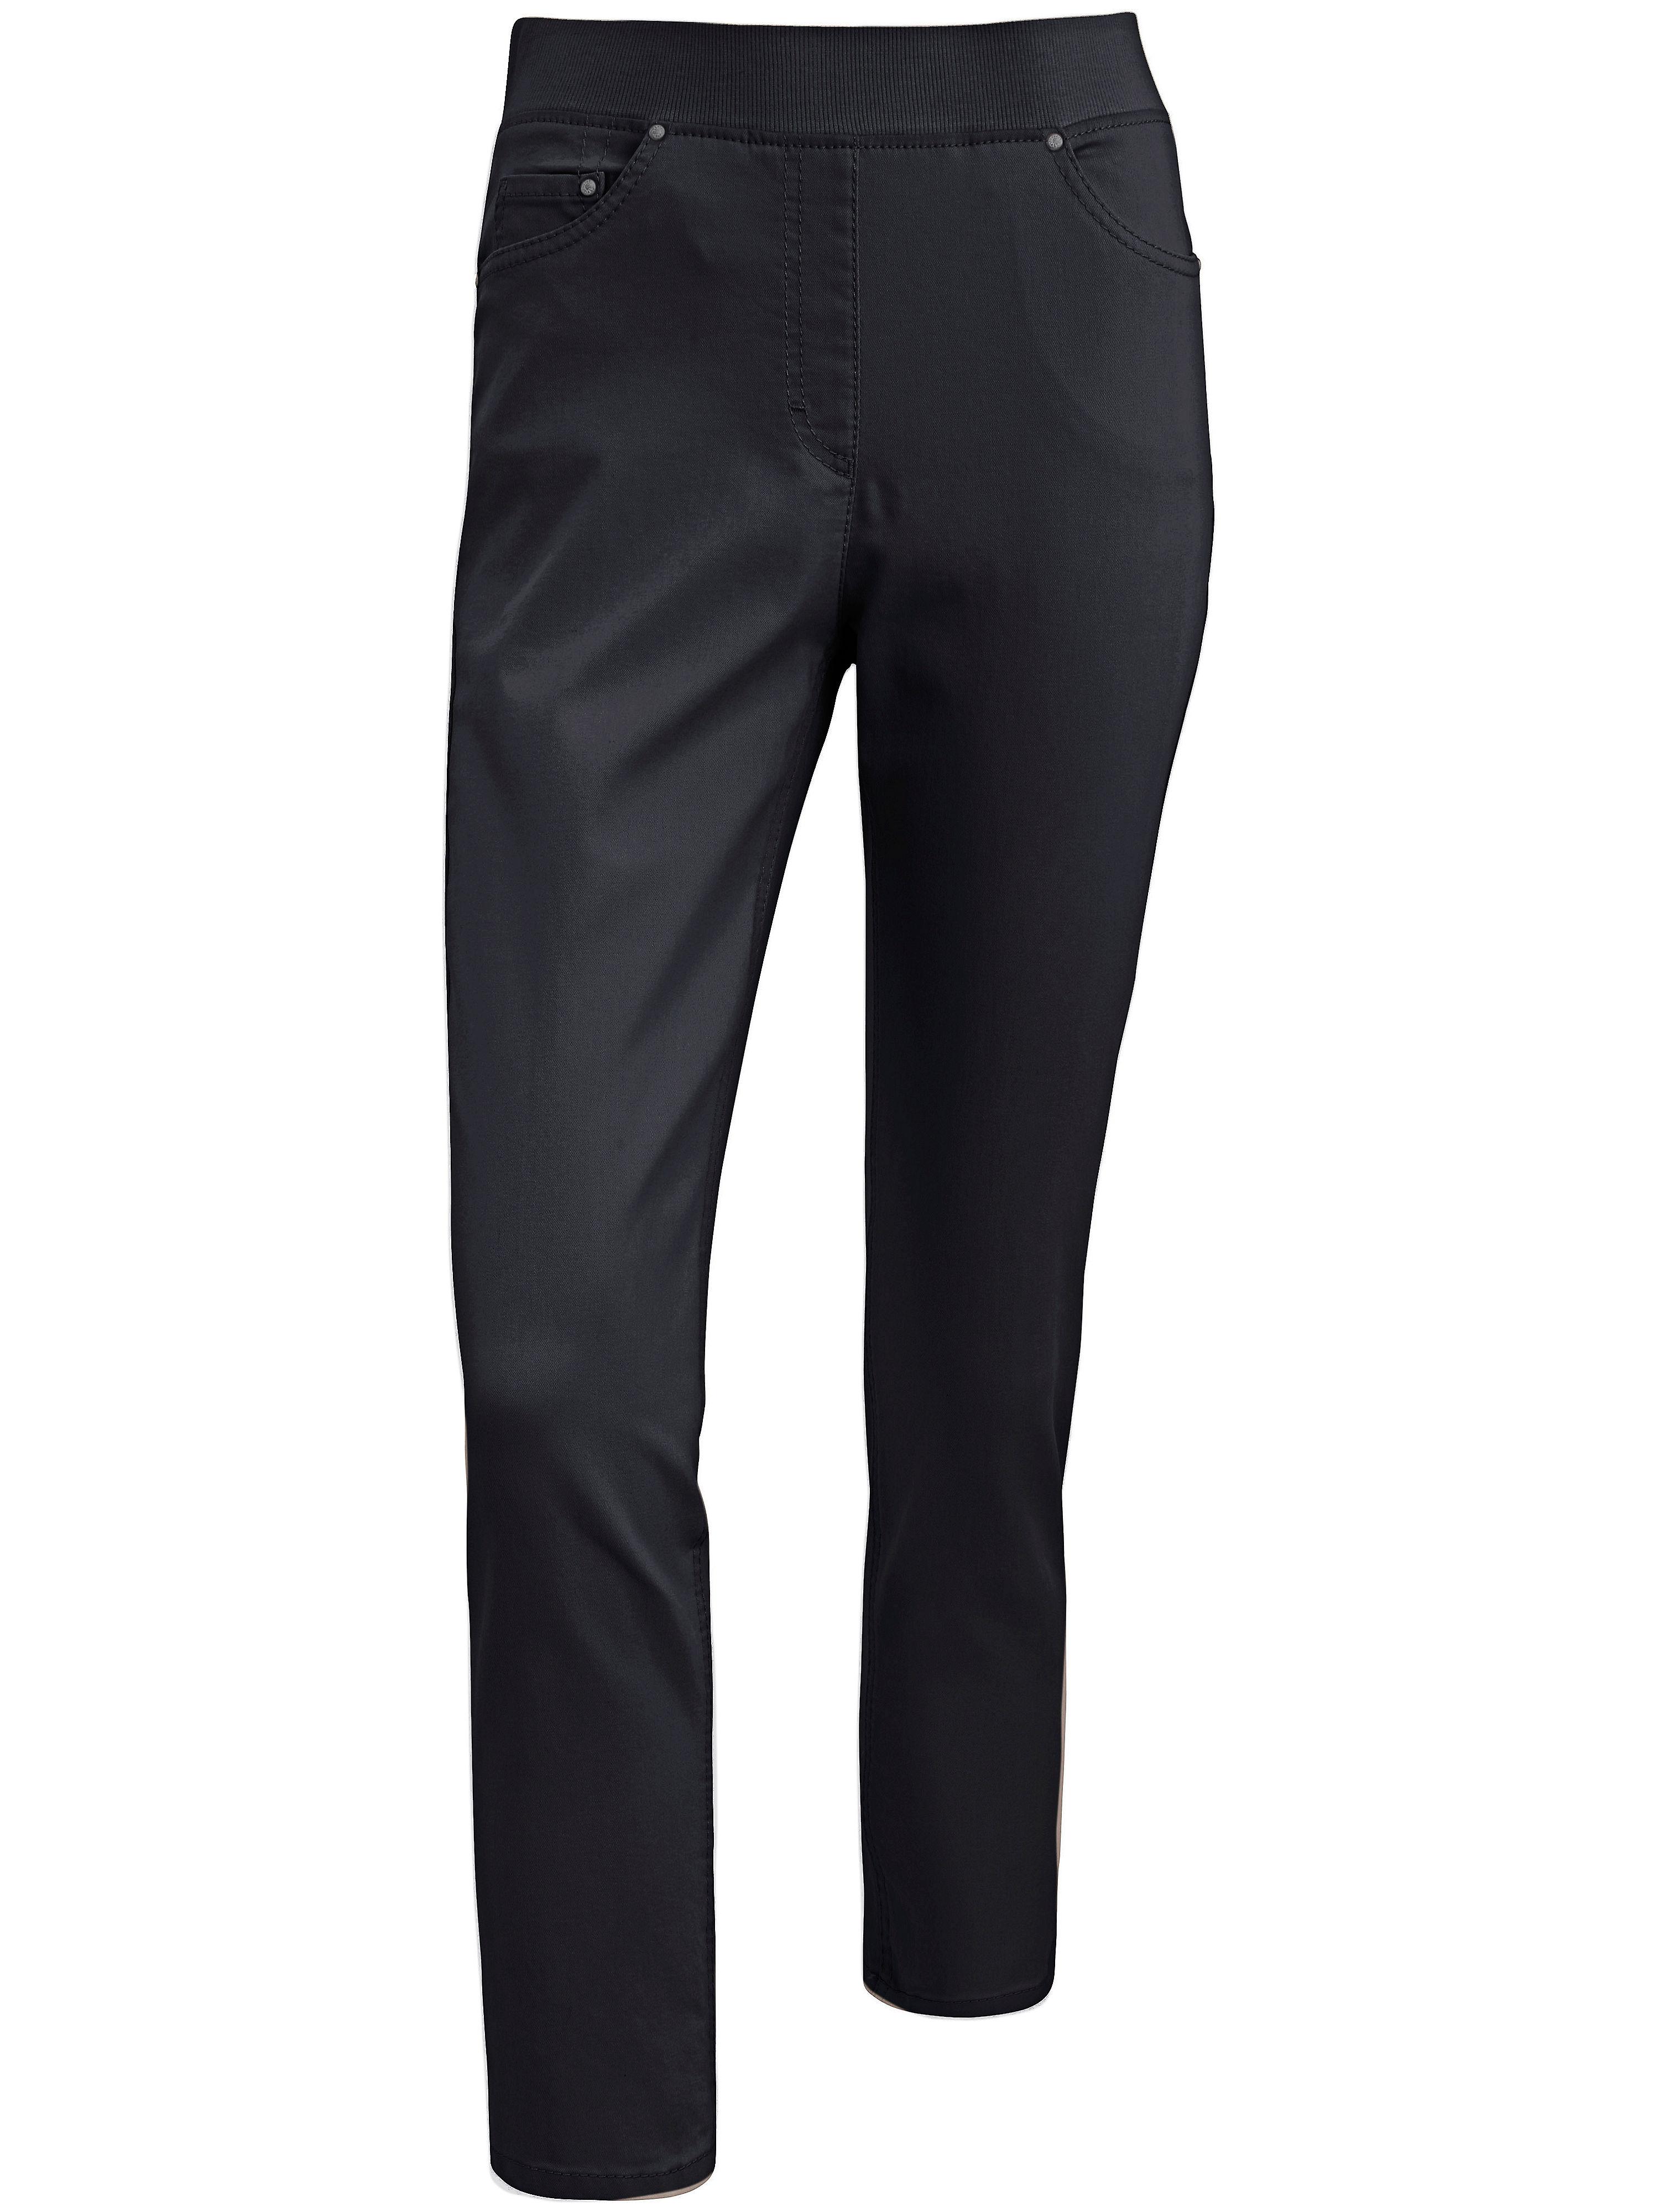 Image of   Comfort Plus-jeans i 7/8-længde model Carina Fra Raphaela by Brax blå